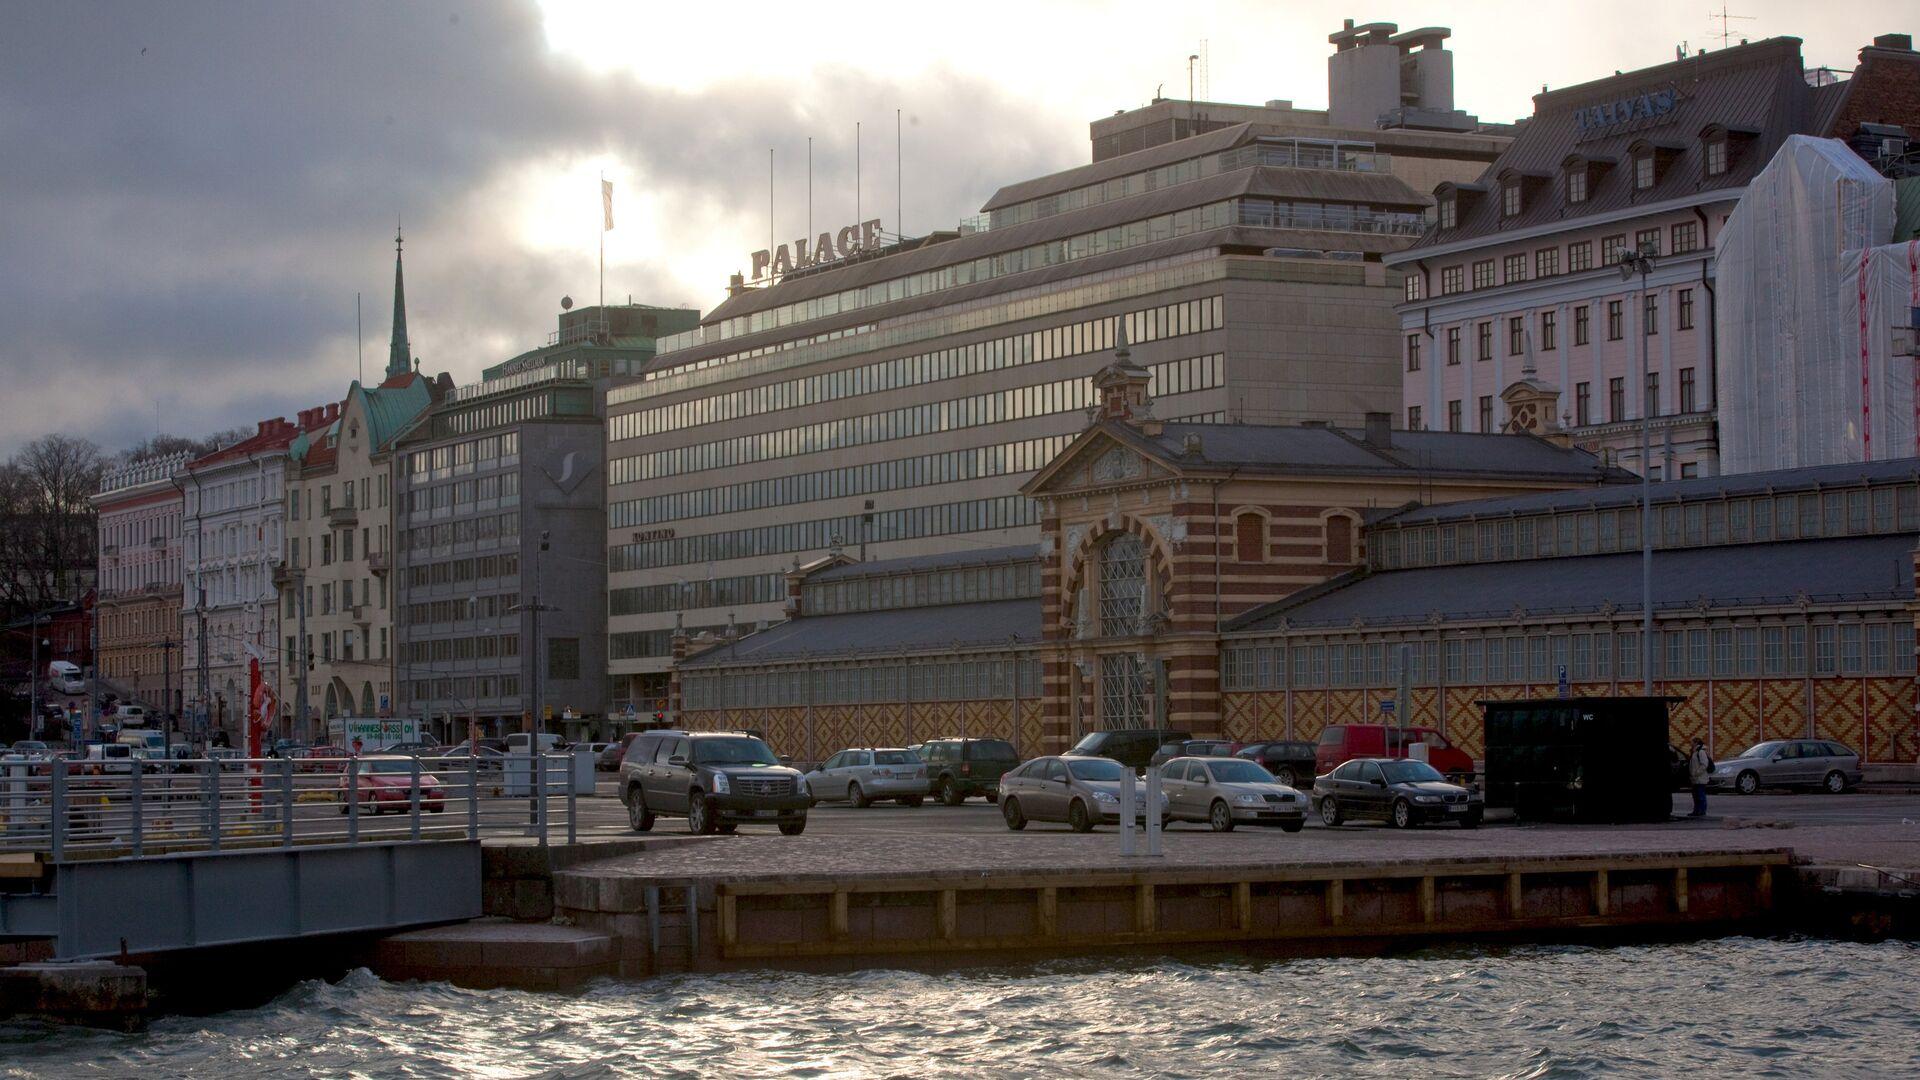 Хельсинки - РИА Новости, 1920, 01.02.2021